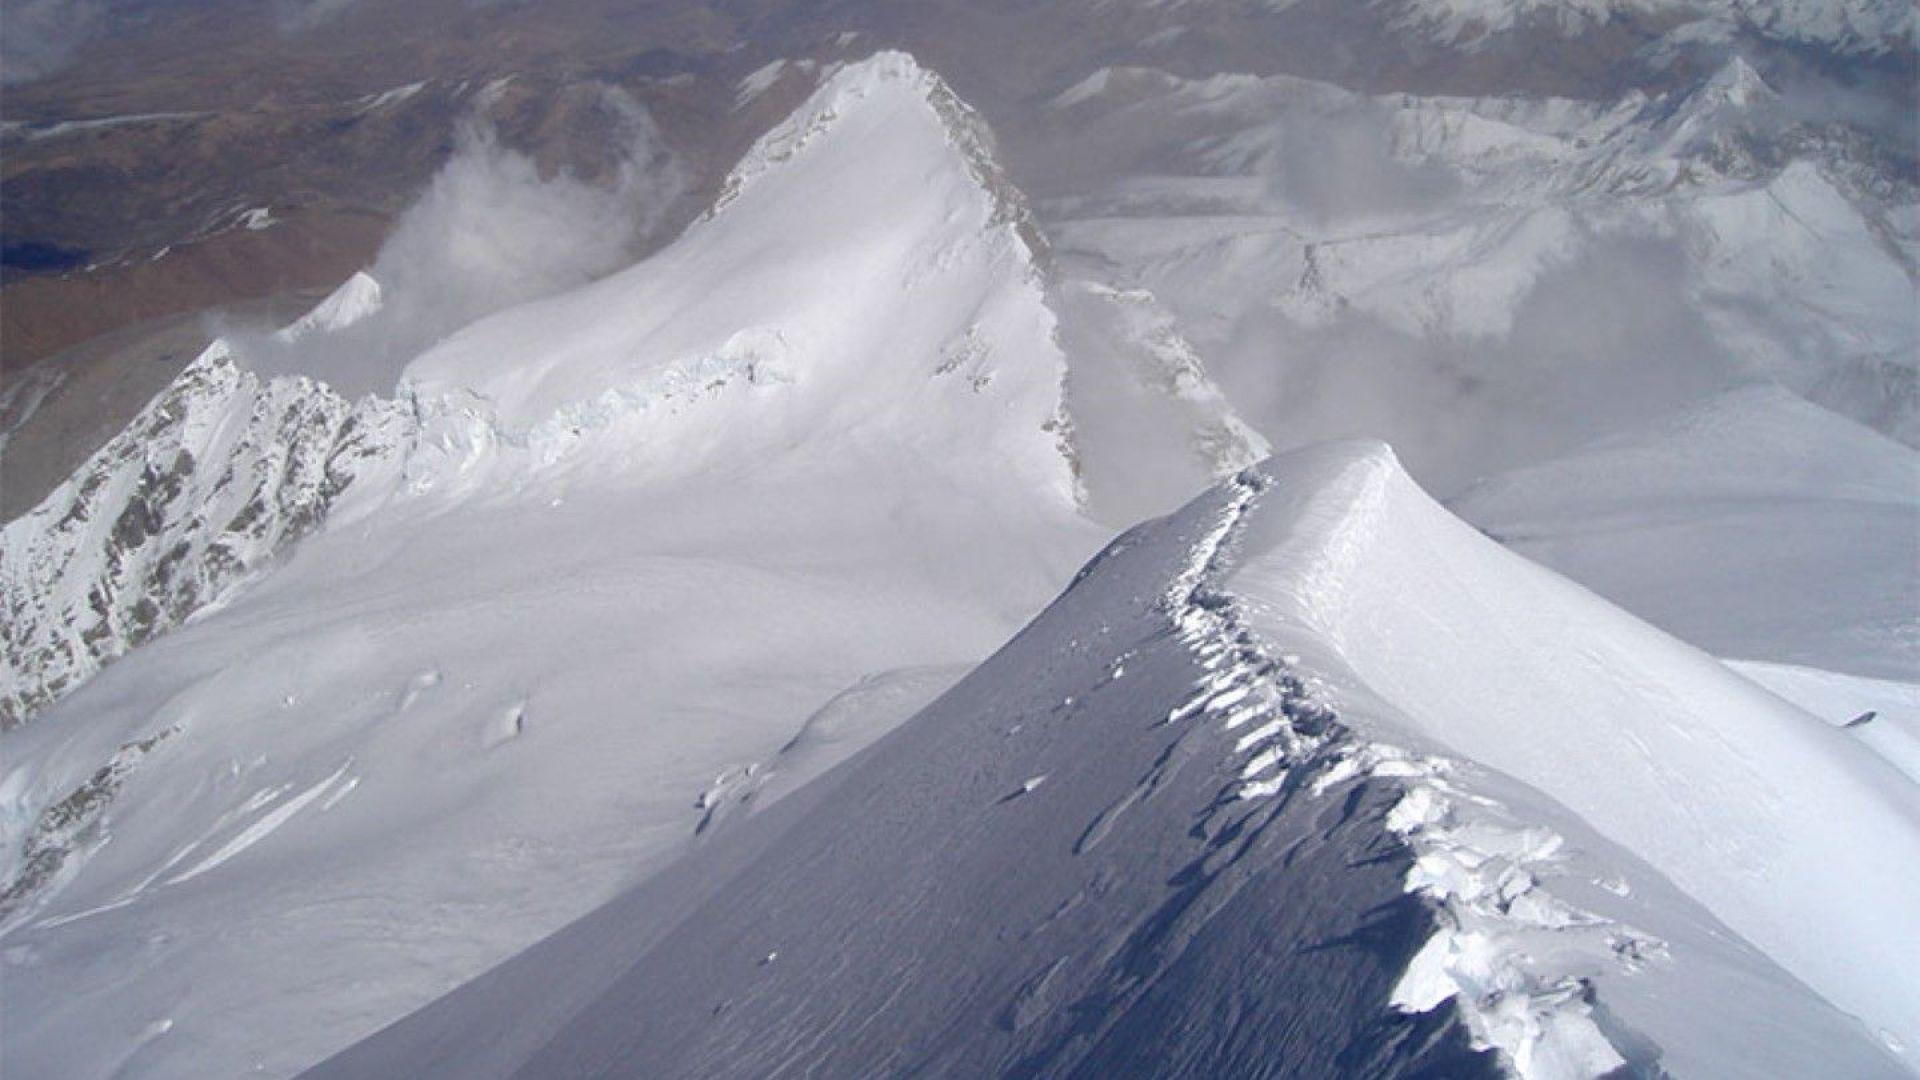 Говори италианският алпинист, който последен е видял Боян Петров